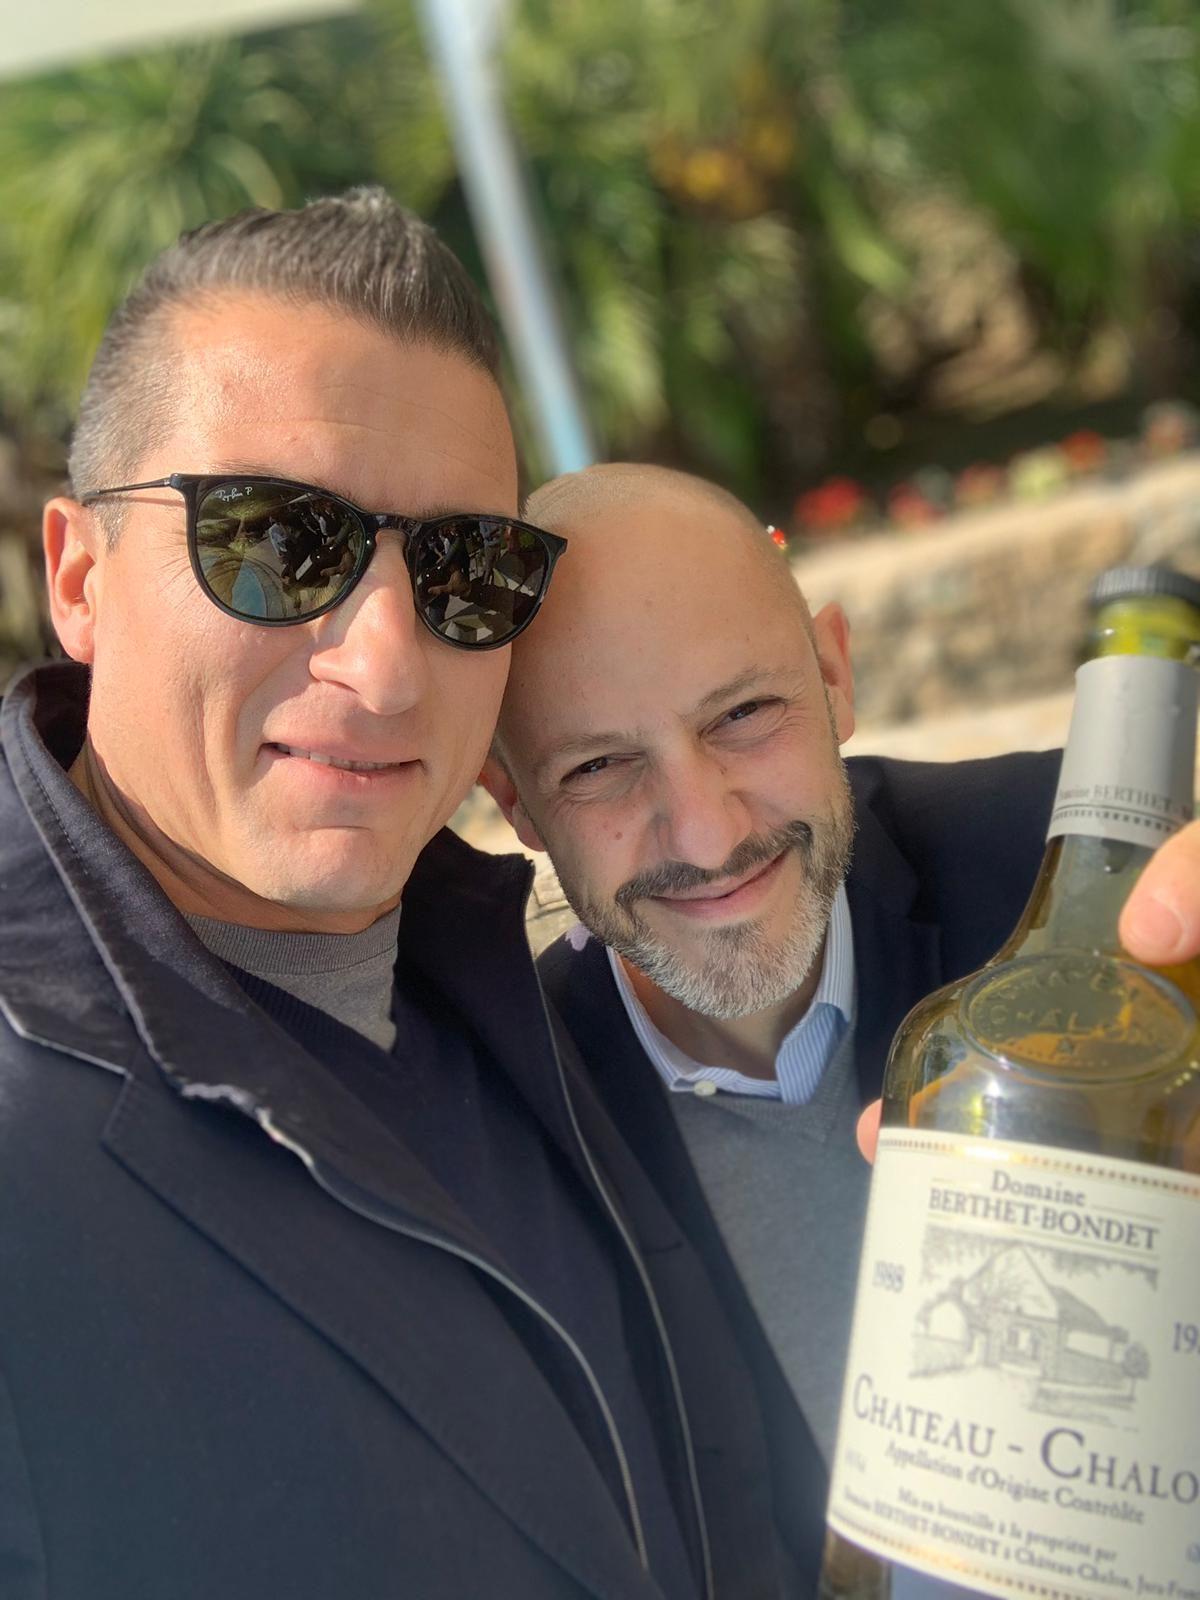 Anteprima Ceretto 2019: Chat qui Rit presente!